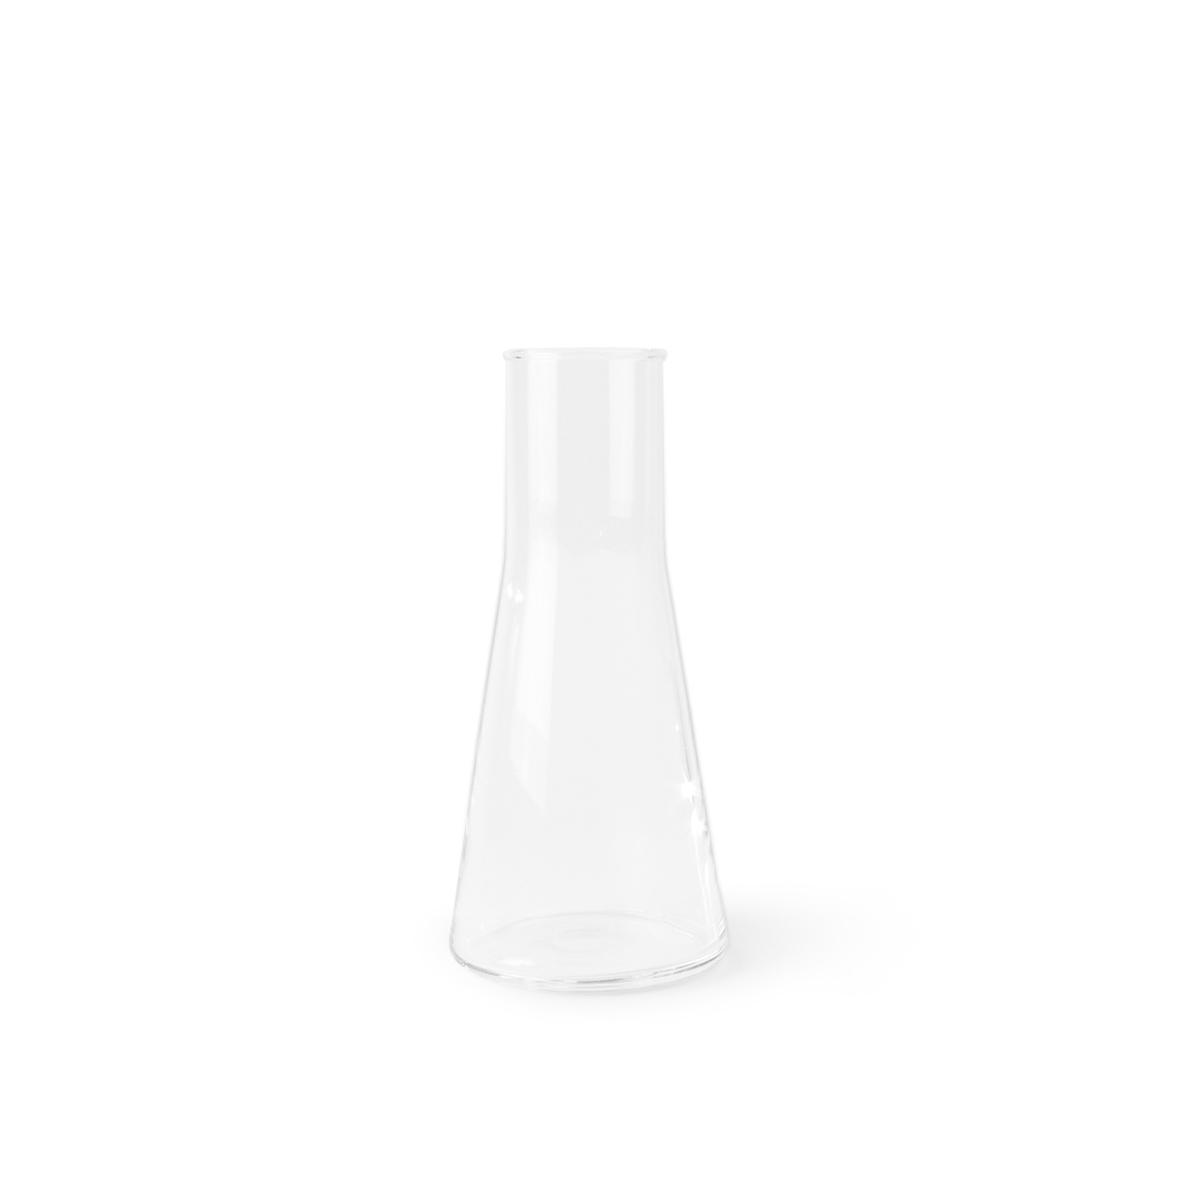 vase durstloescher klein fidea design